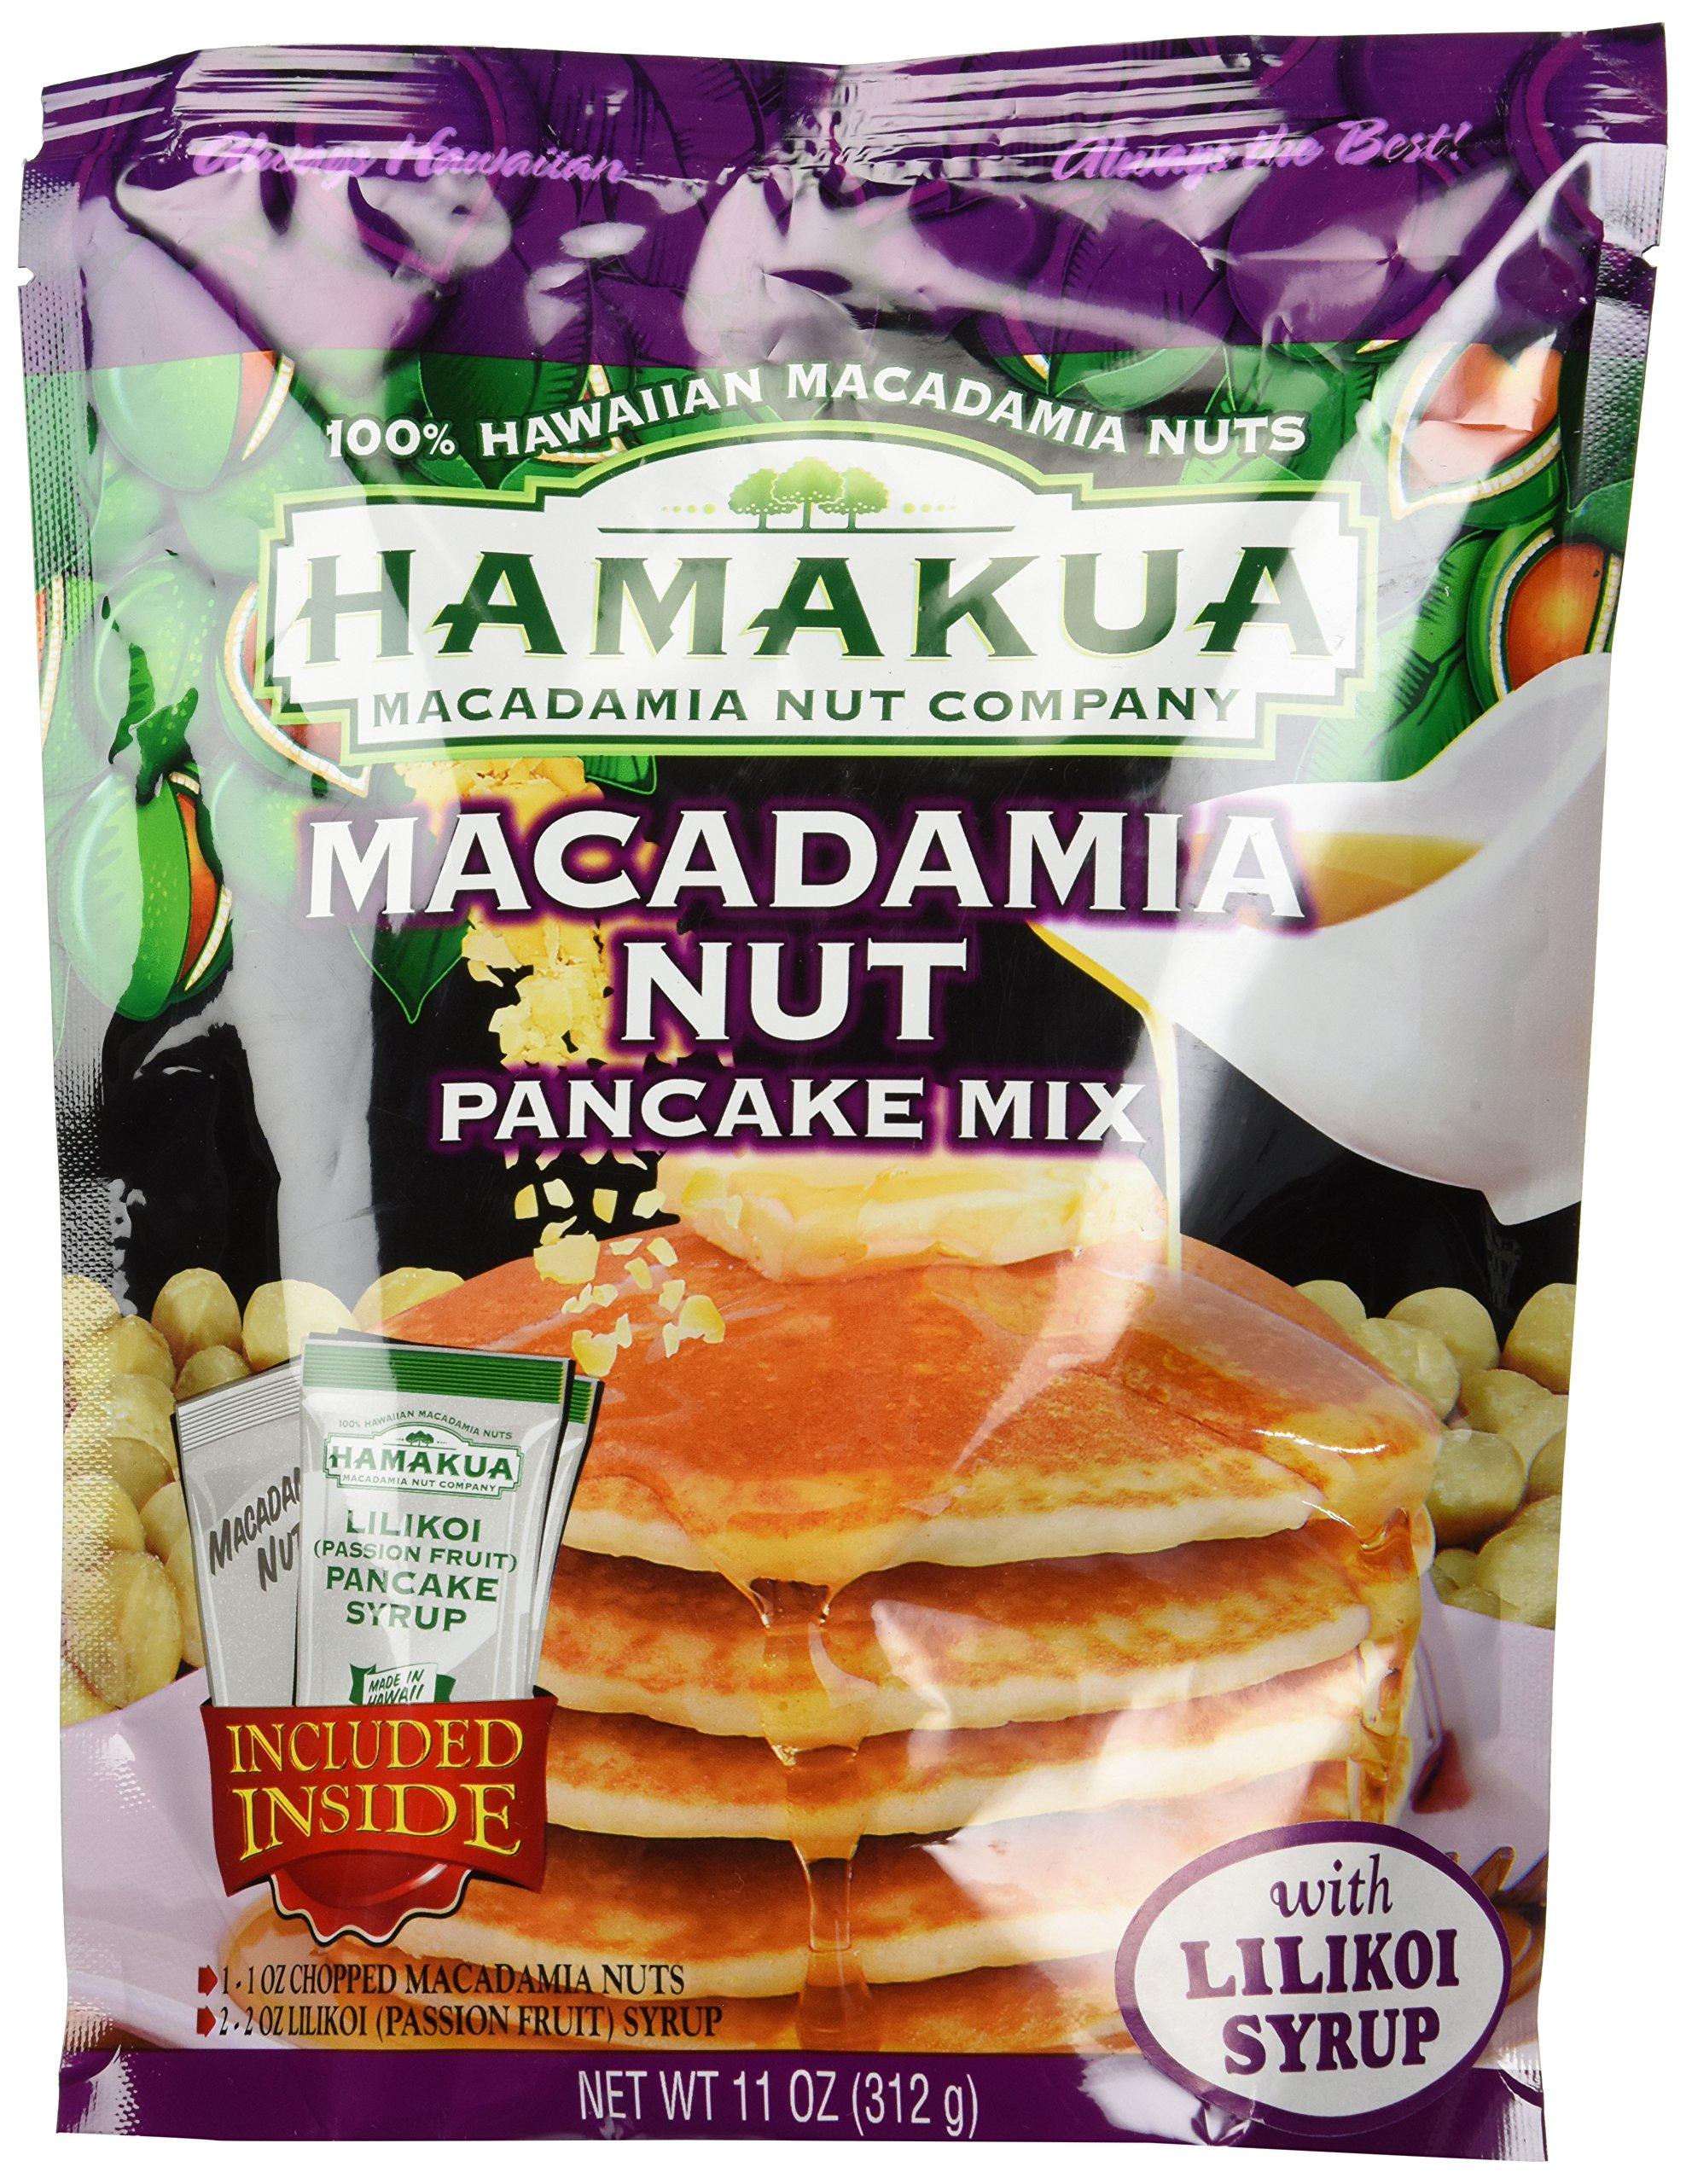 Hamakua Macadamia Nut with Lilikoi Syrup, 11 Ounce